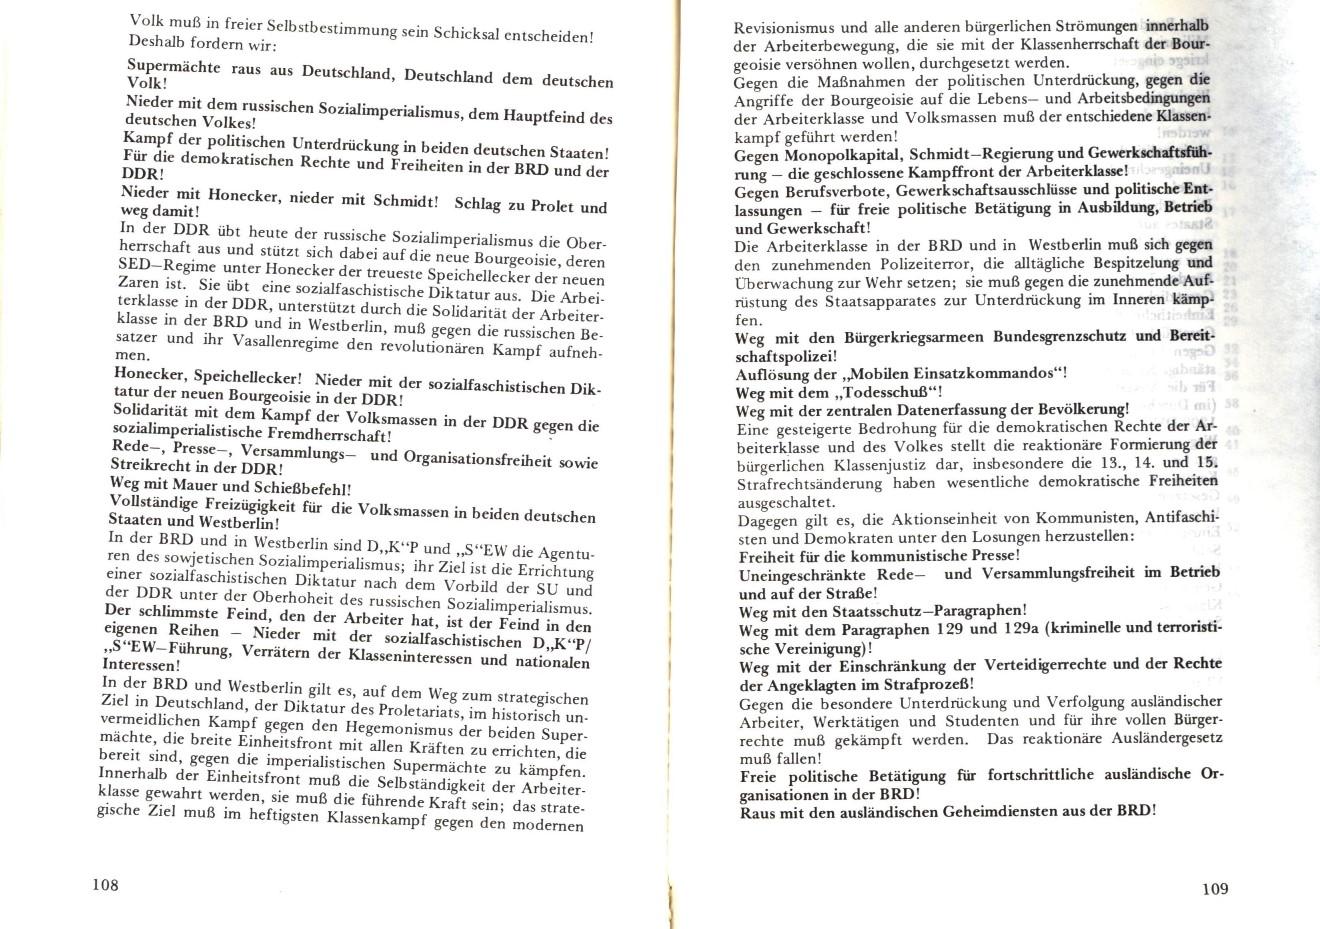 KPDAO_1976_Agitationsbroschuere_zur_BTW_56